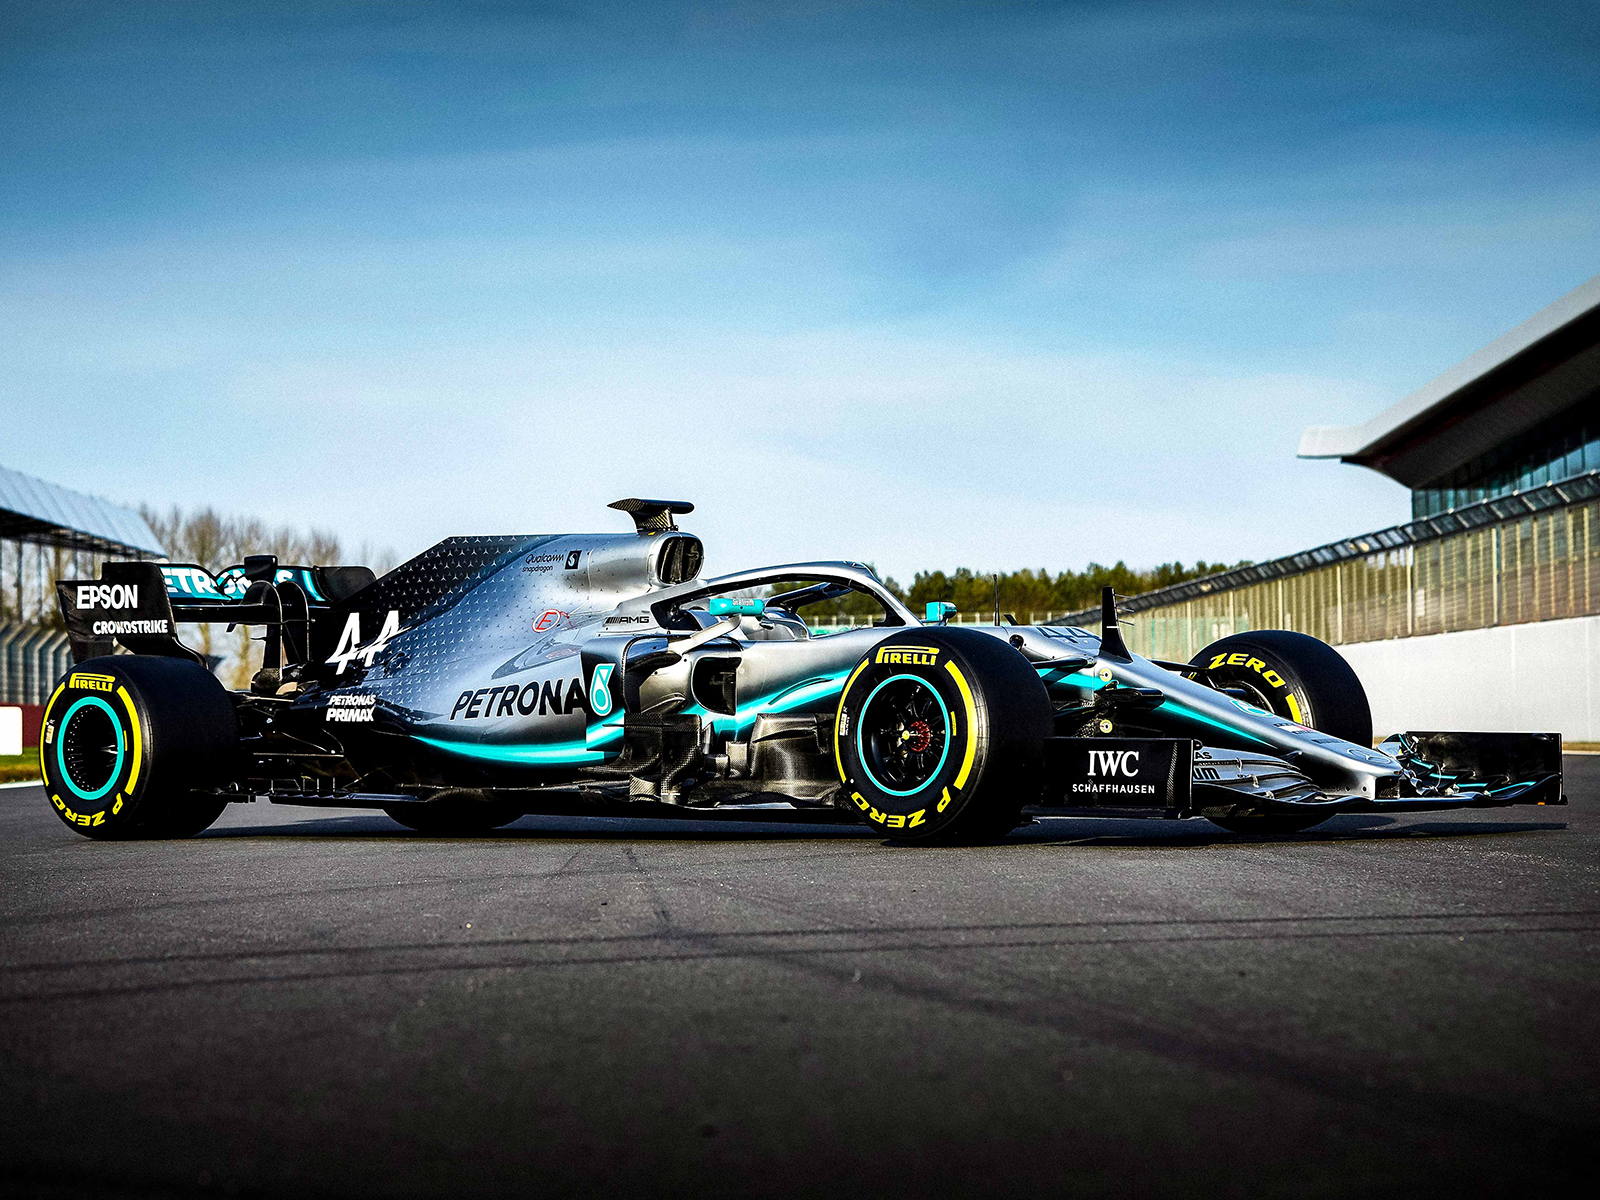 Mercedes-AMG IWC